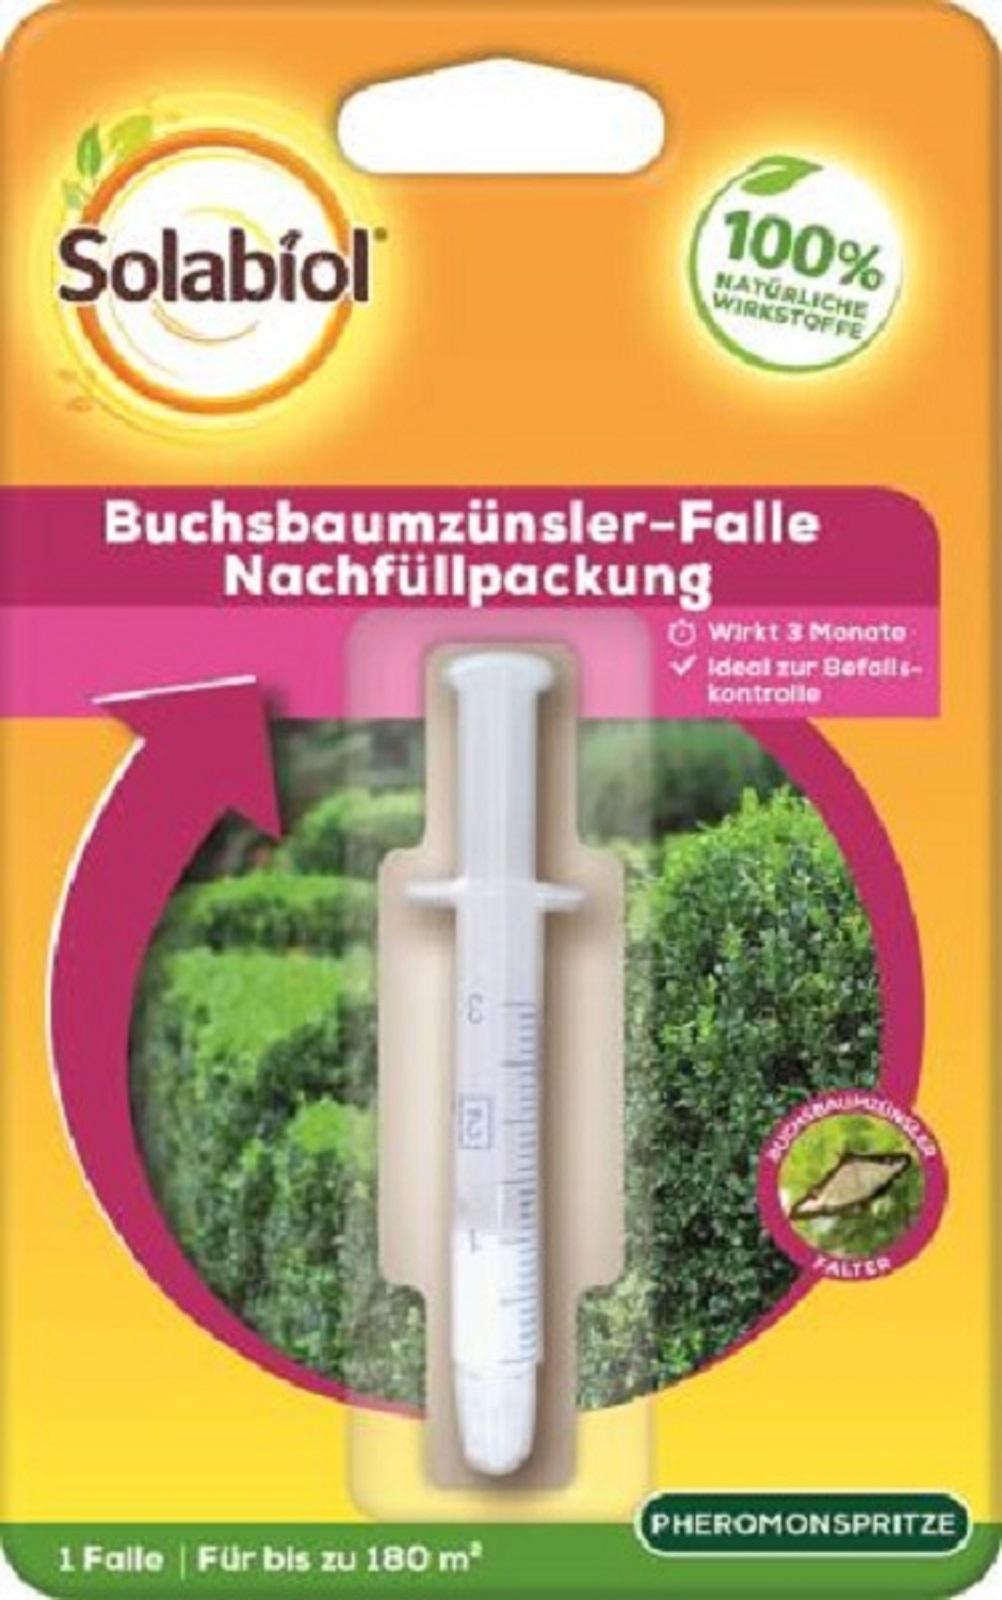 Solabiol Buchsbaumszünsler-Falle Nachfüllpack